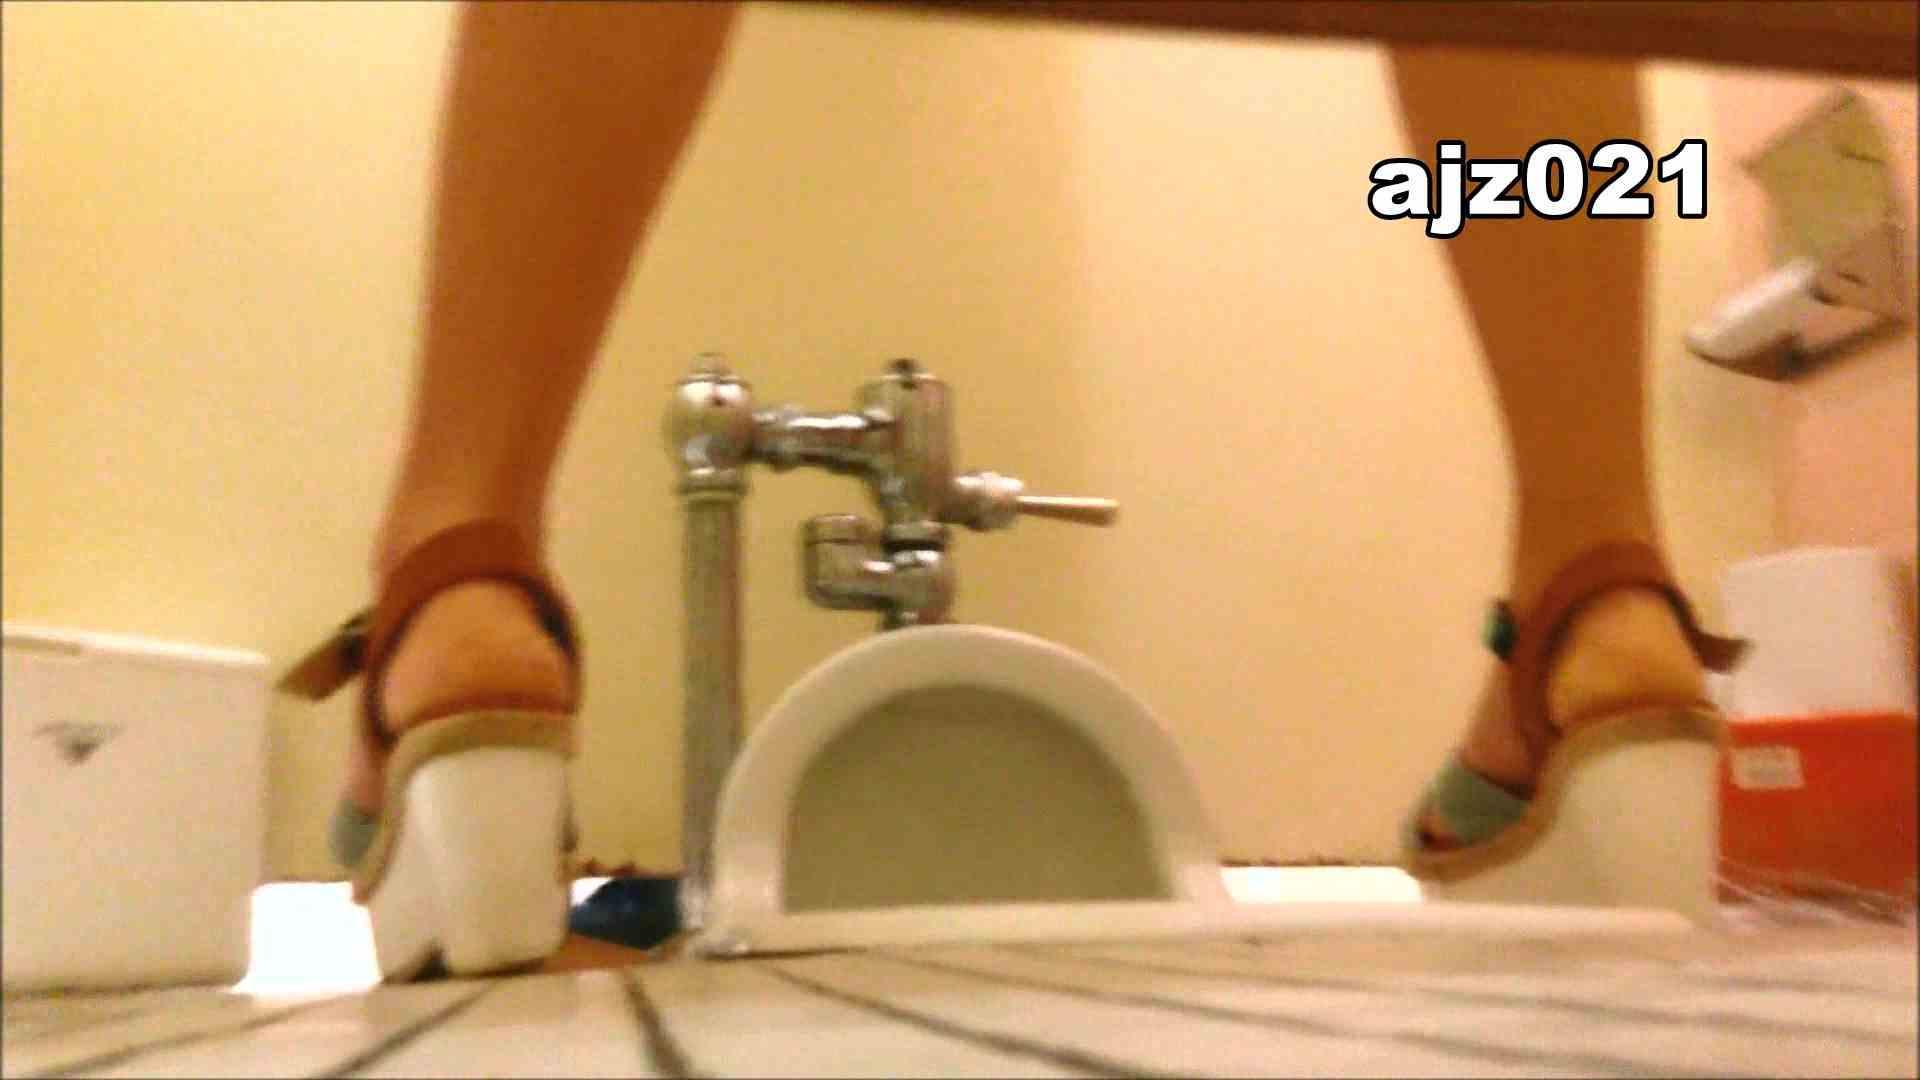 某有名大学女性洗面所 vol.21 潜入 隠し撮りオマンコ動画紹介 80PIX 21